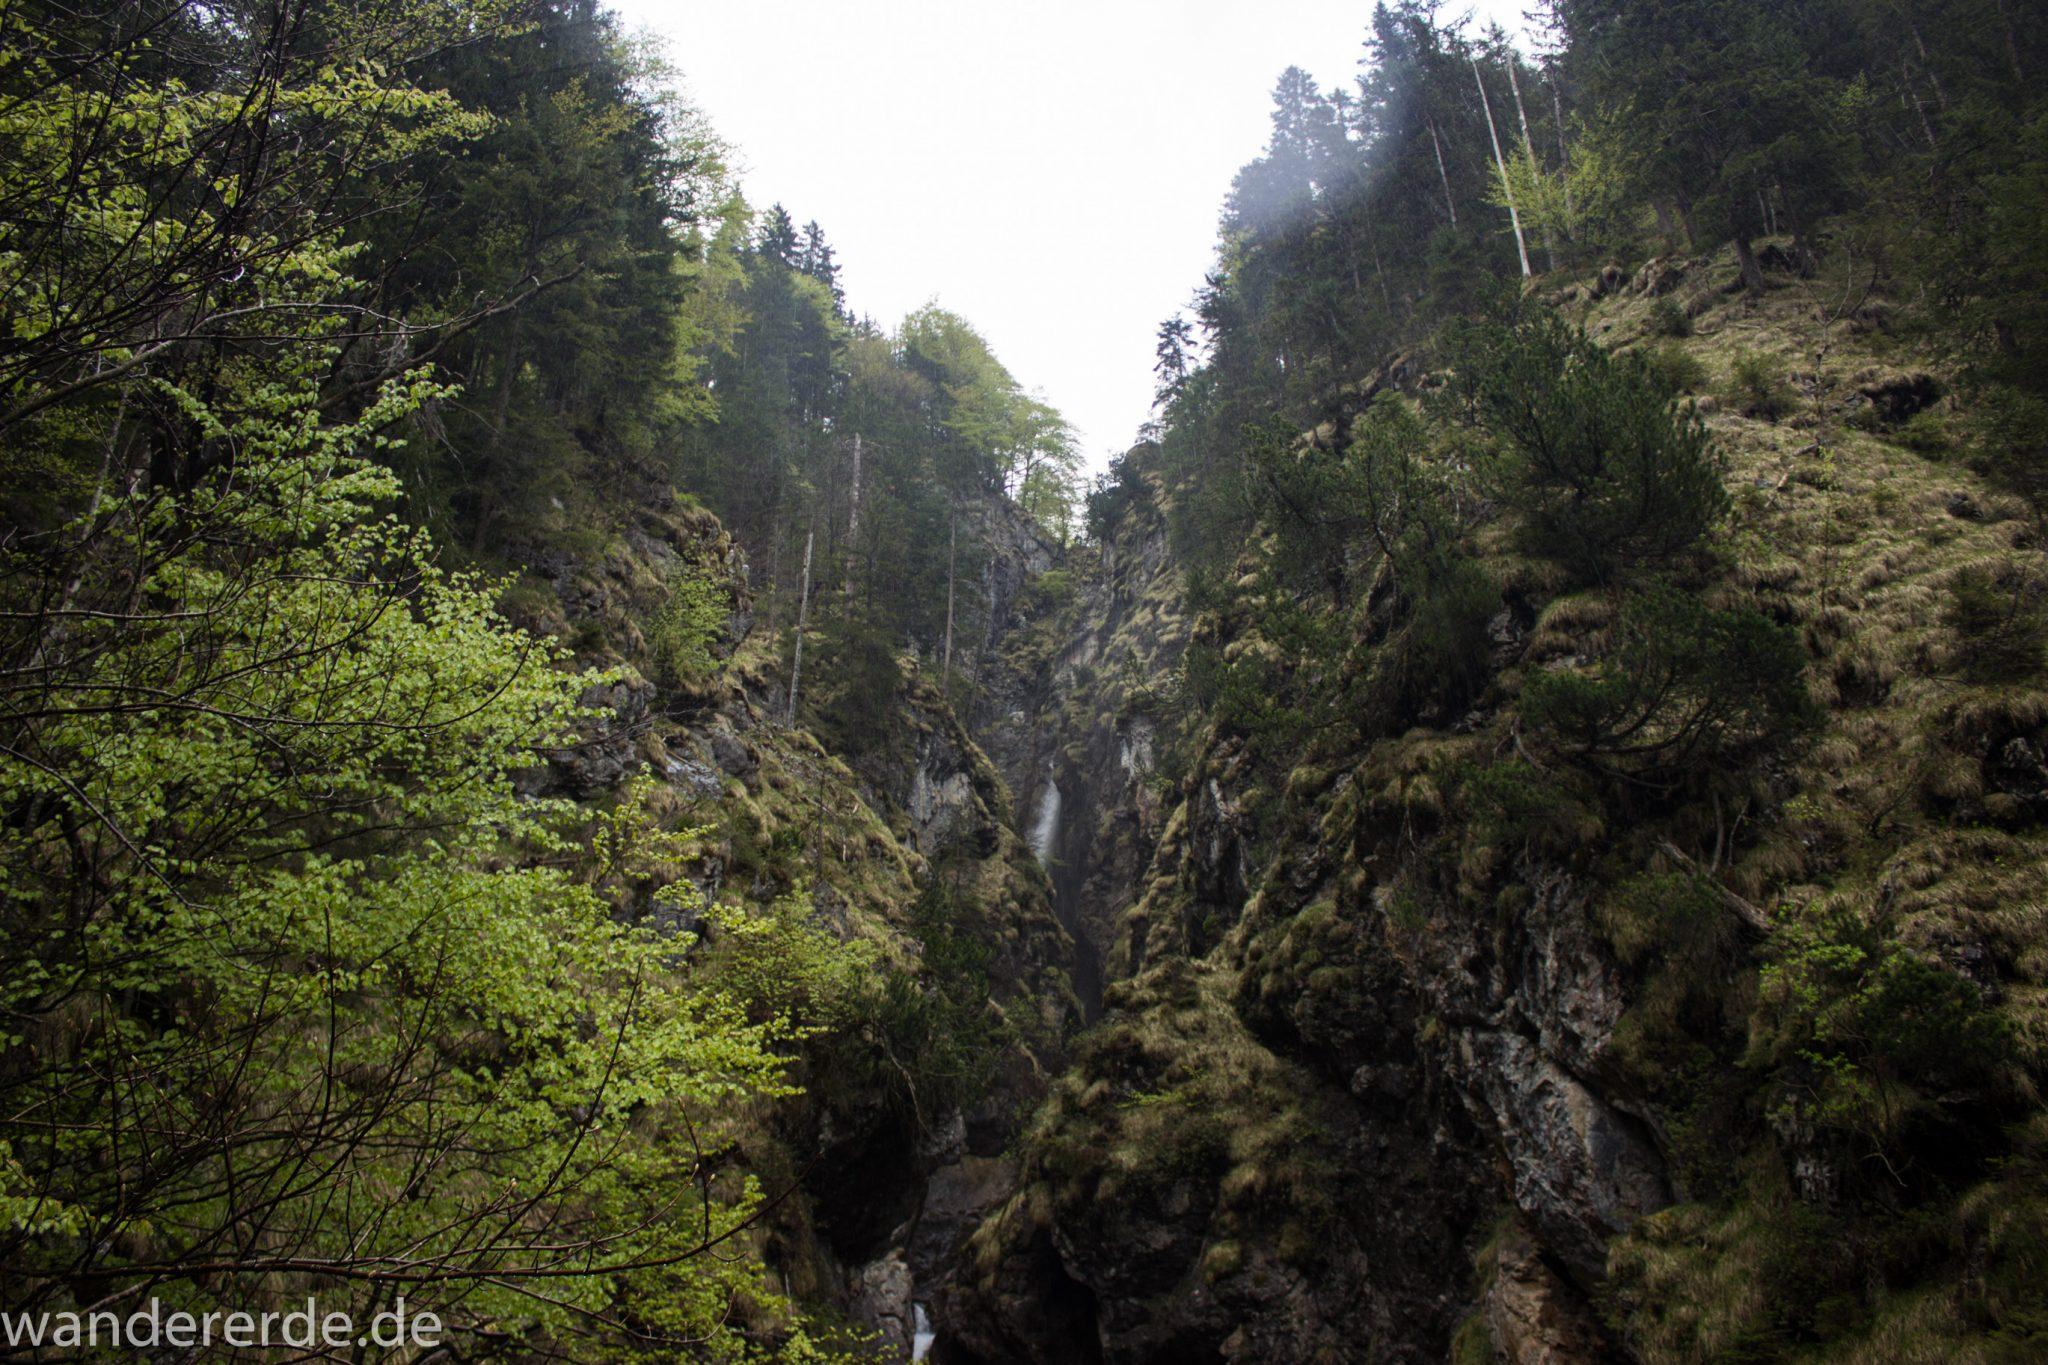 Wanderung Oberstdorf nach Gerstruben im Allgäu, Bayern, Wanderweg führt nach Bergbauerndorf Gerstruben über sehr empfehlenswerten aber steilen Weg Hölltobel mit Wasserfällen wieder abwärts, Aussicht auf Wasserfall in der Ferne